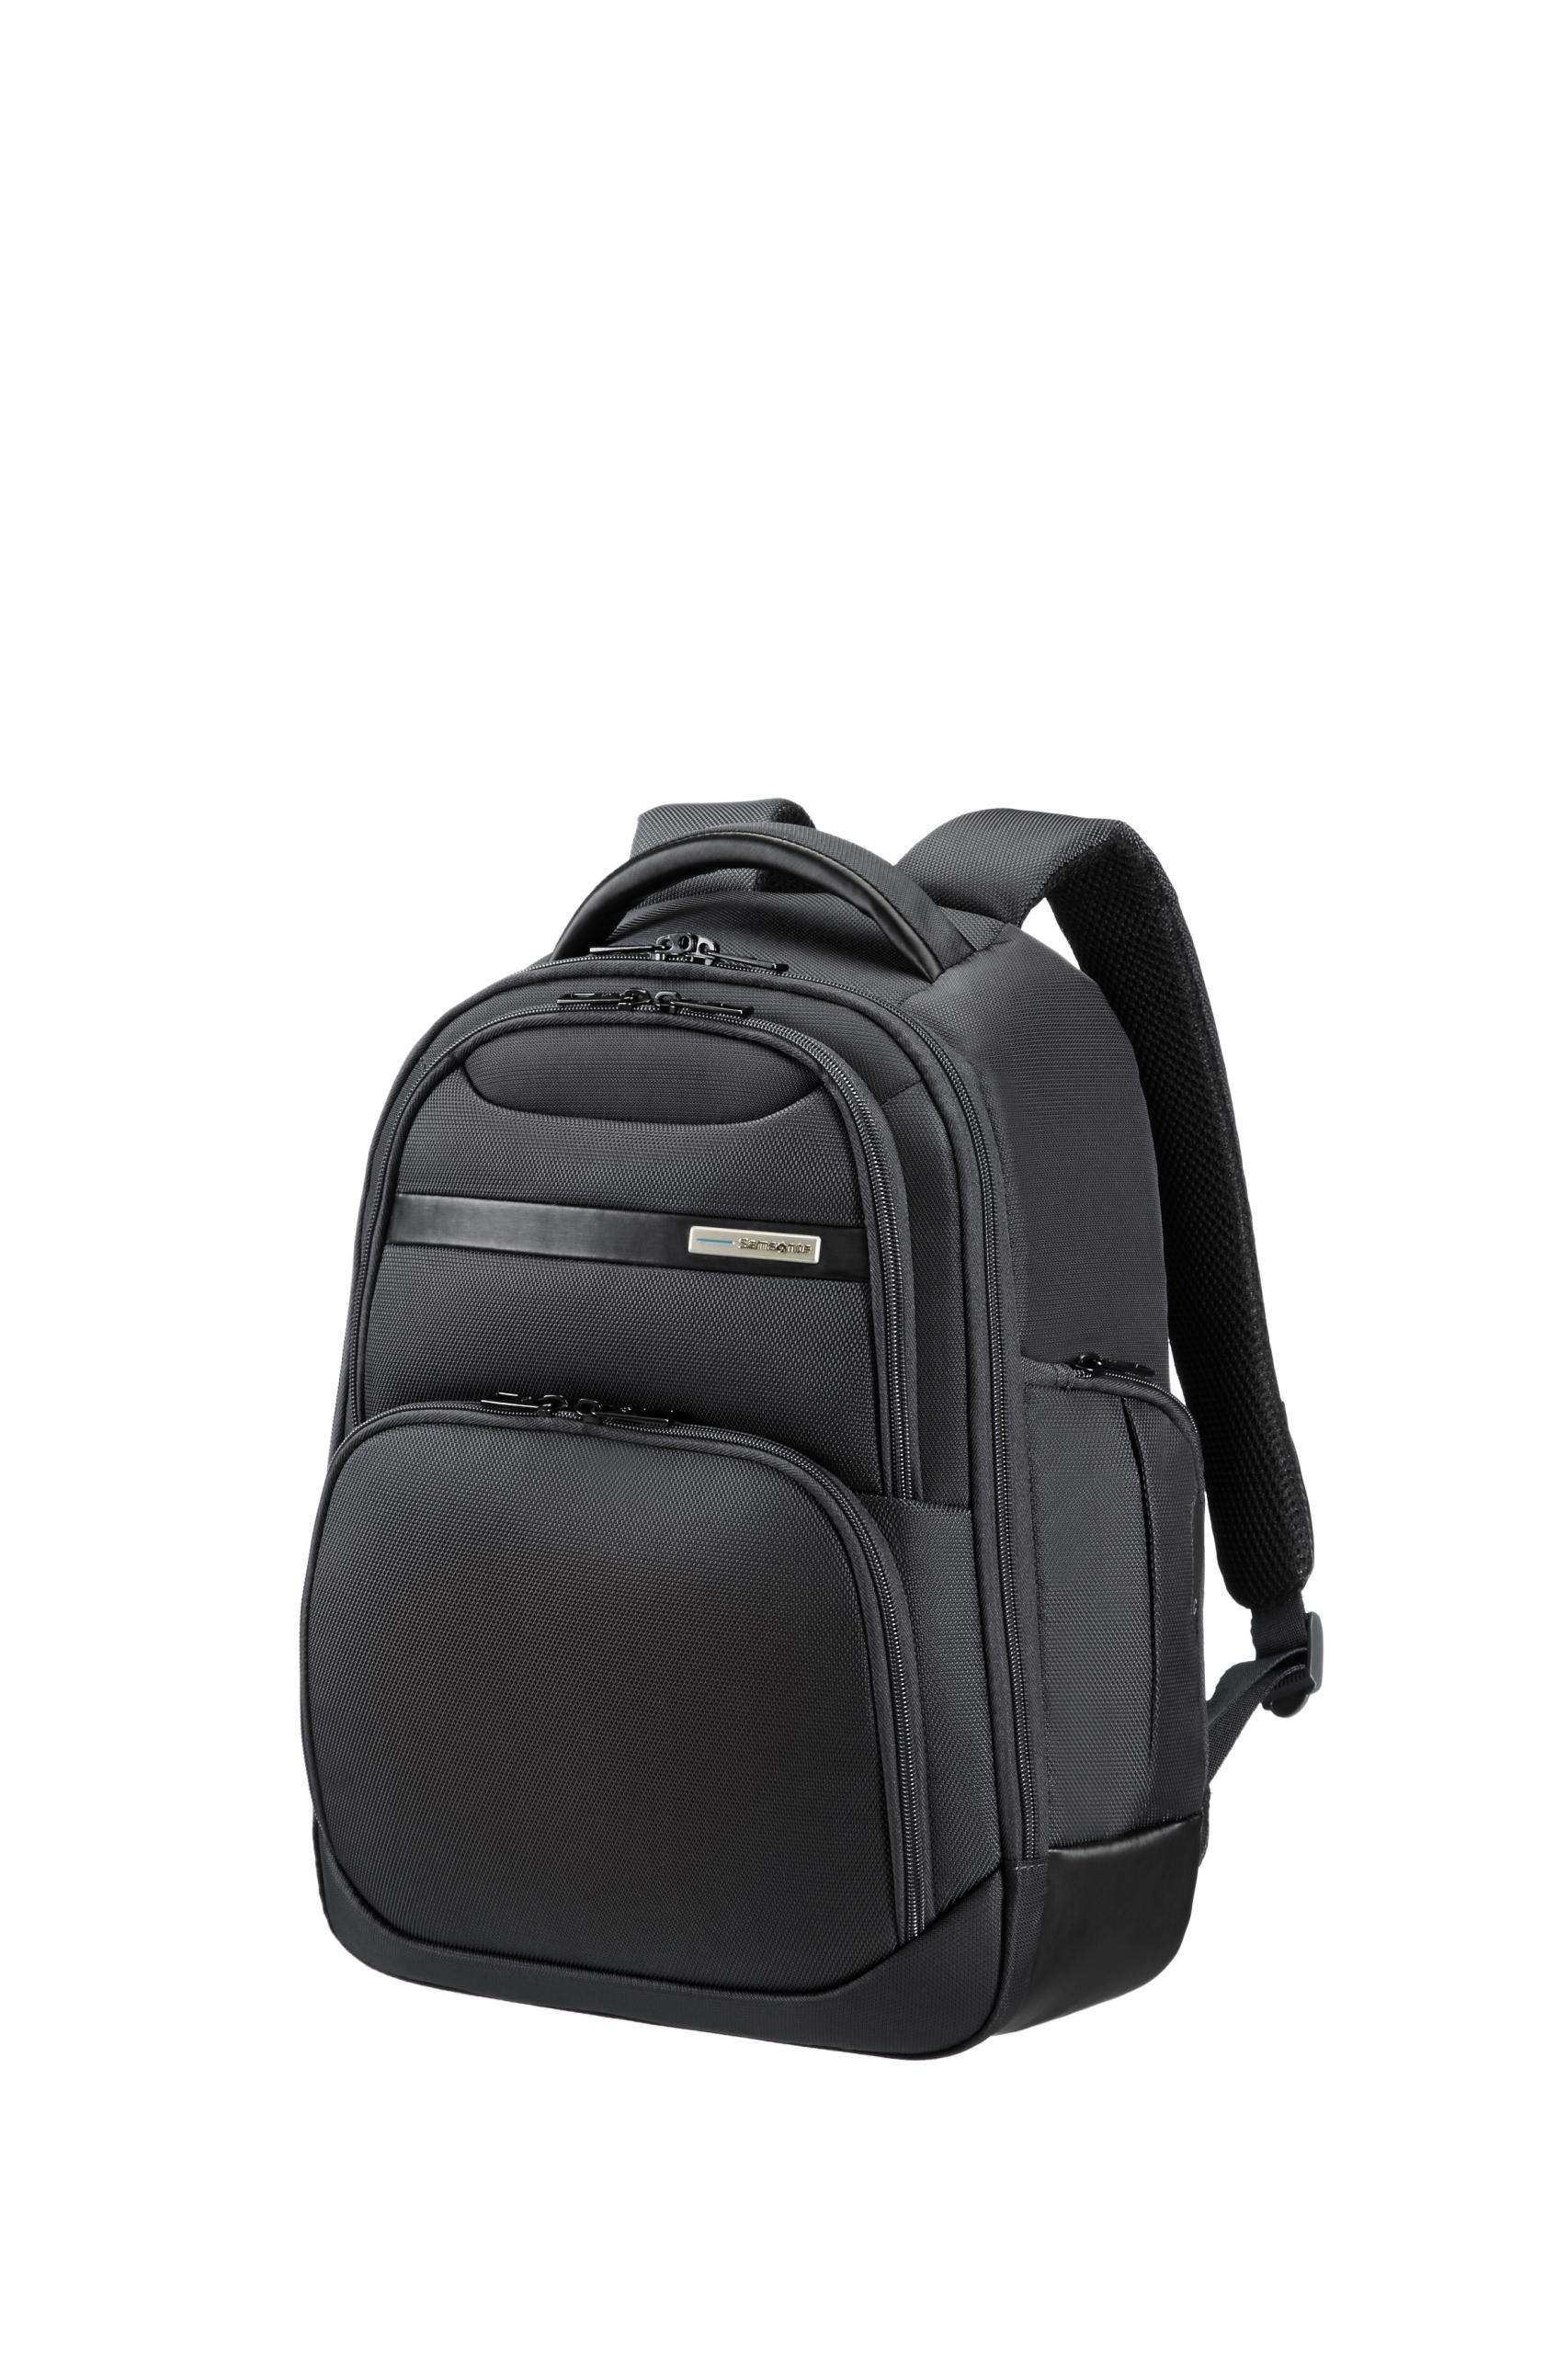 Samsonite Vectura-laptop S13-14 torba na laptopa